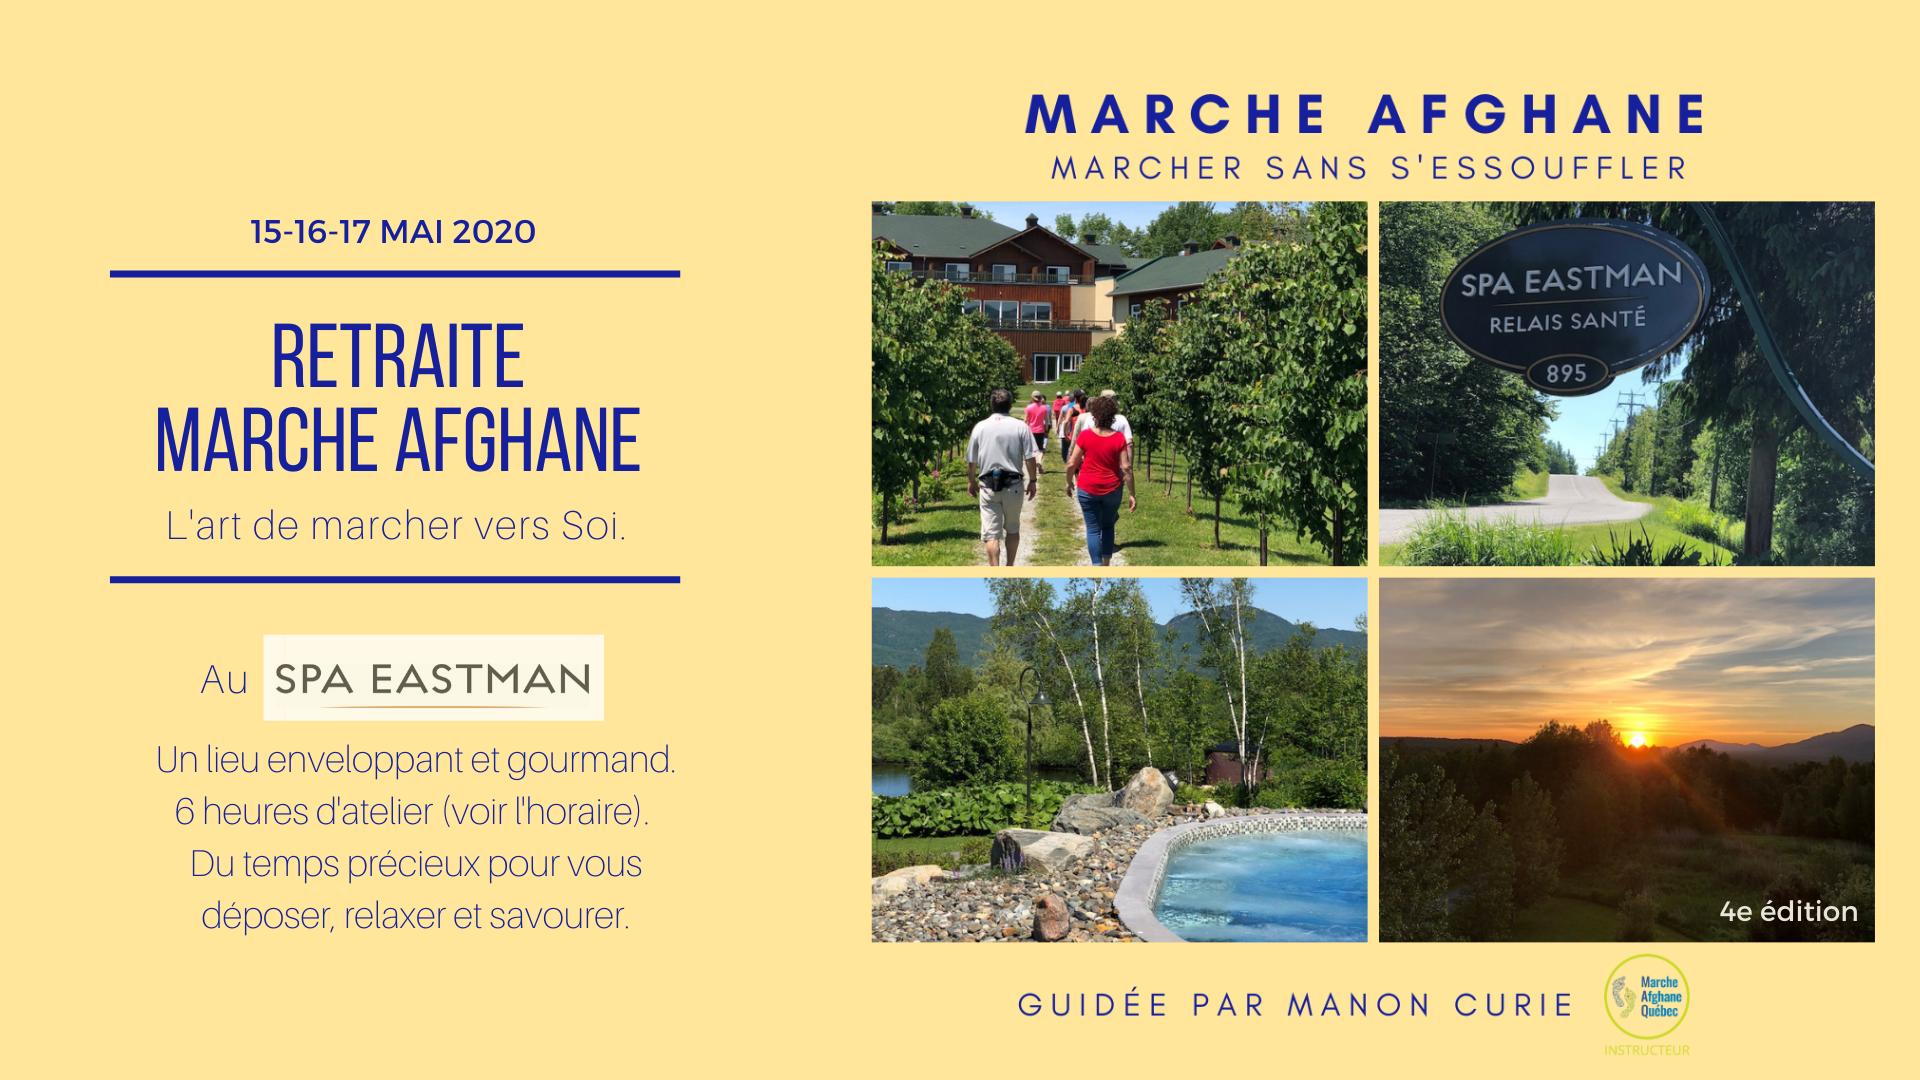 mai 2020 RETRAITE SPA EASTMAN_MARCHE AFGHANE _MANON CURIE (1)